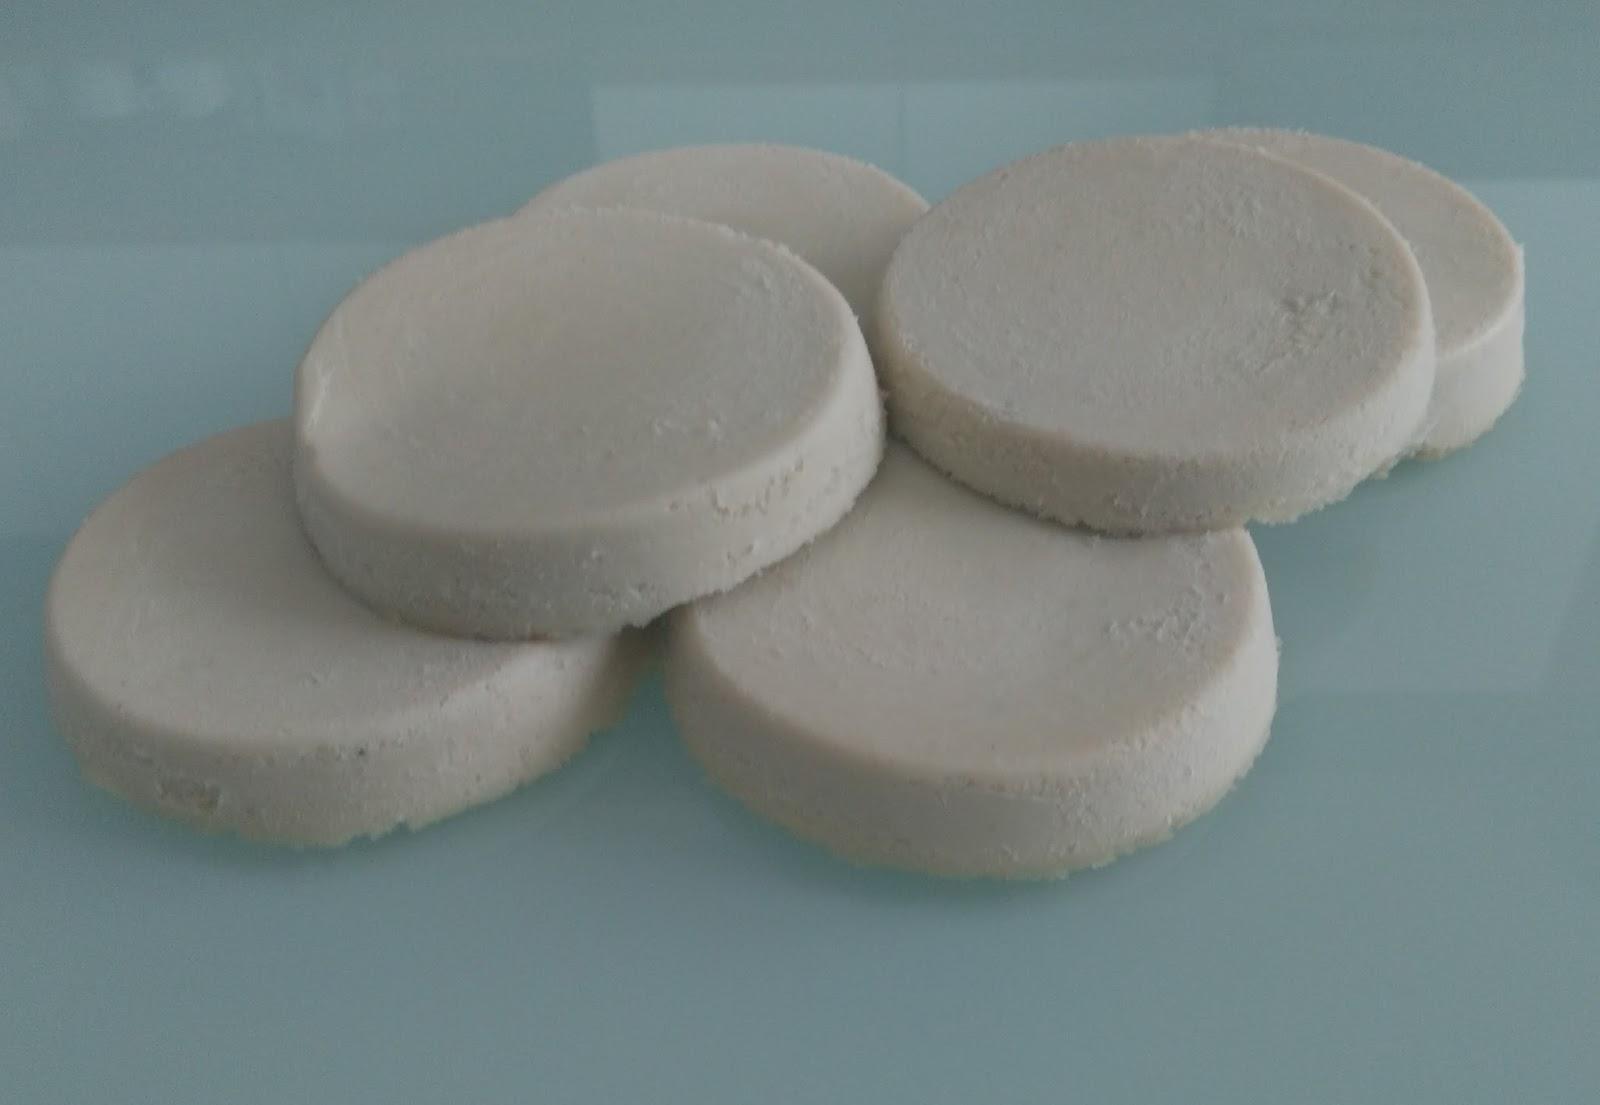 Bulle&Funambule-shampoing solide pour cuir chevelus épuisés de se gratter...